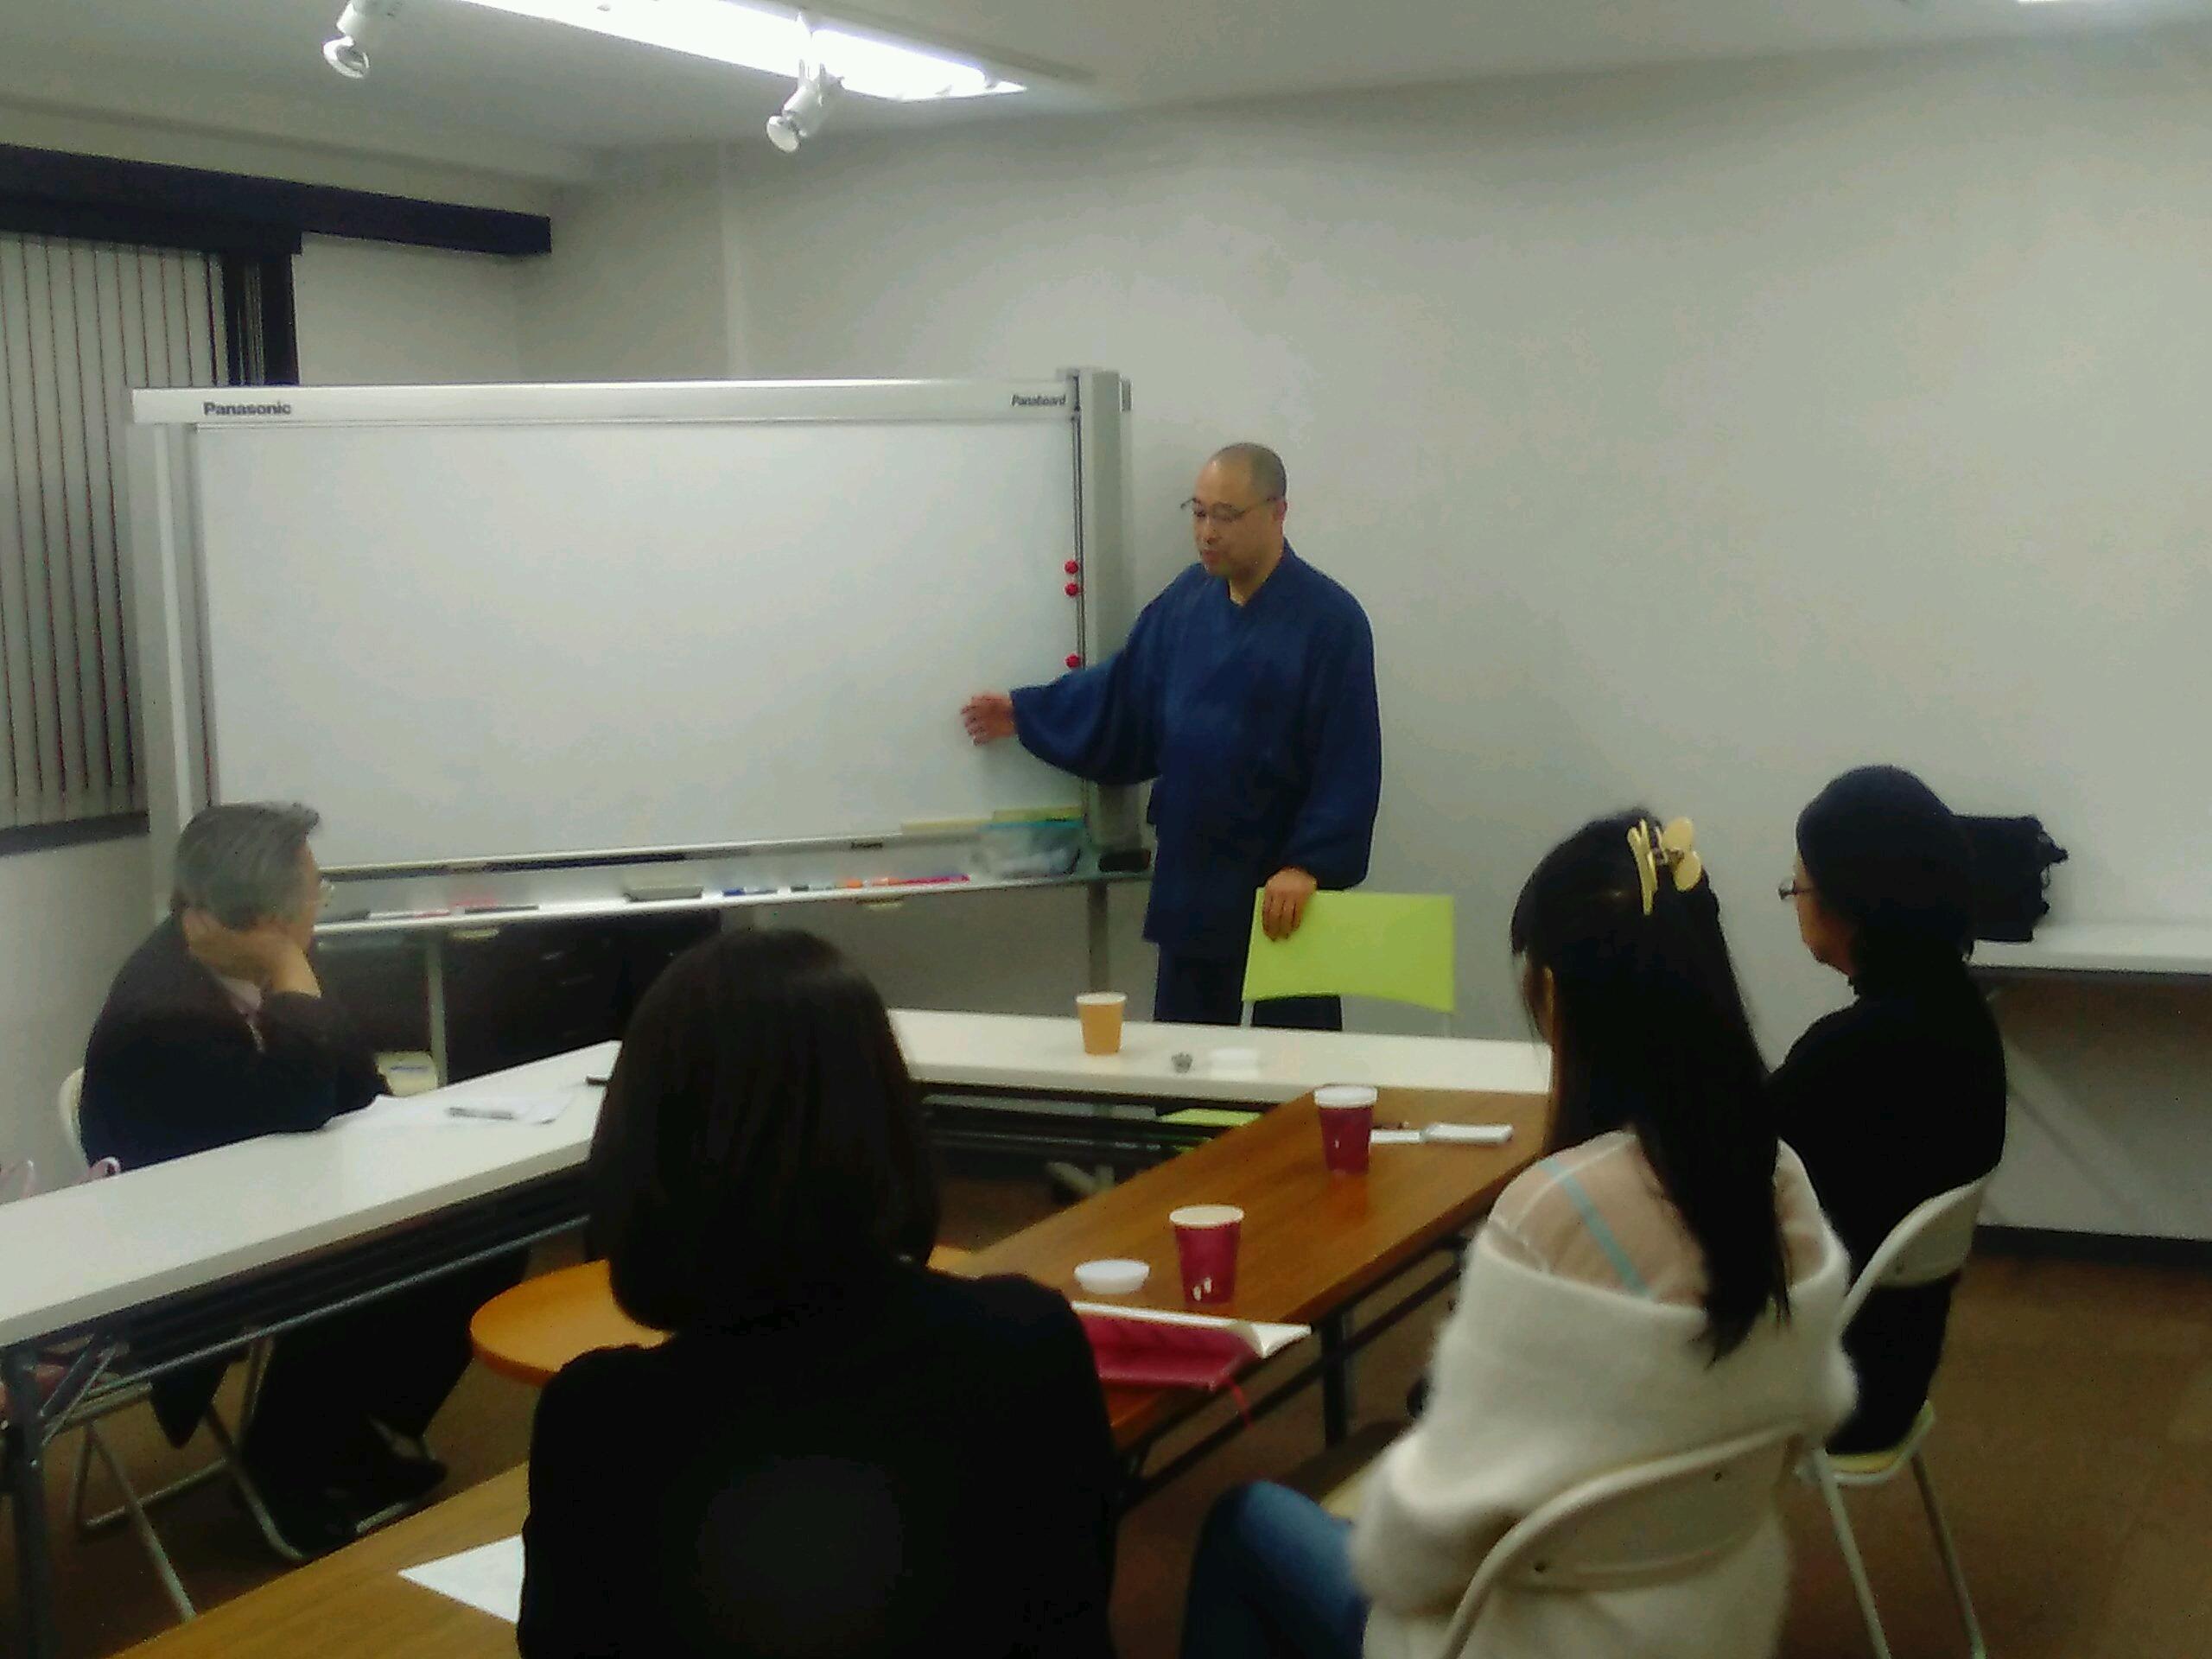 20190116200723 - 釈正輪老師講和会開催